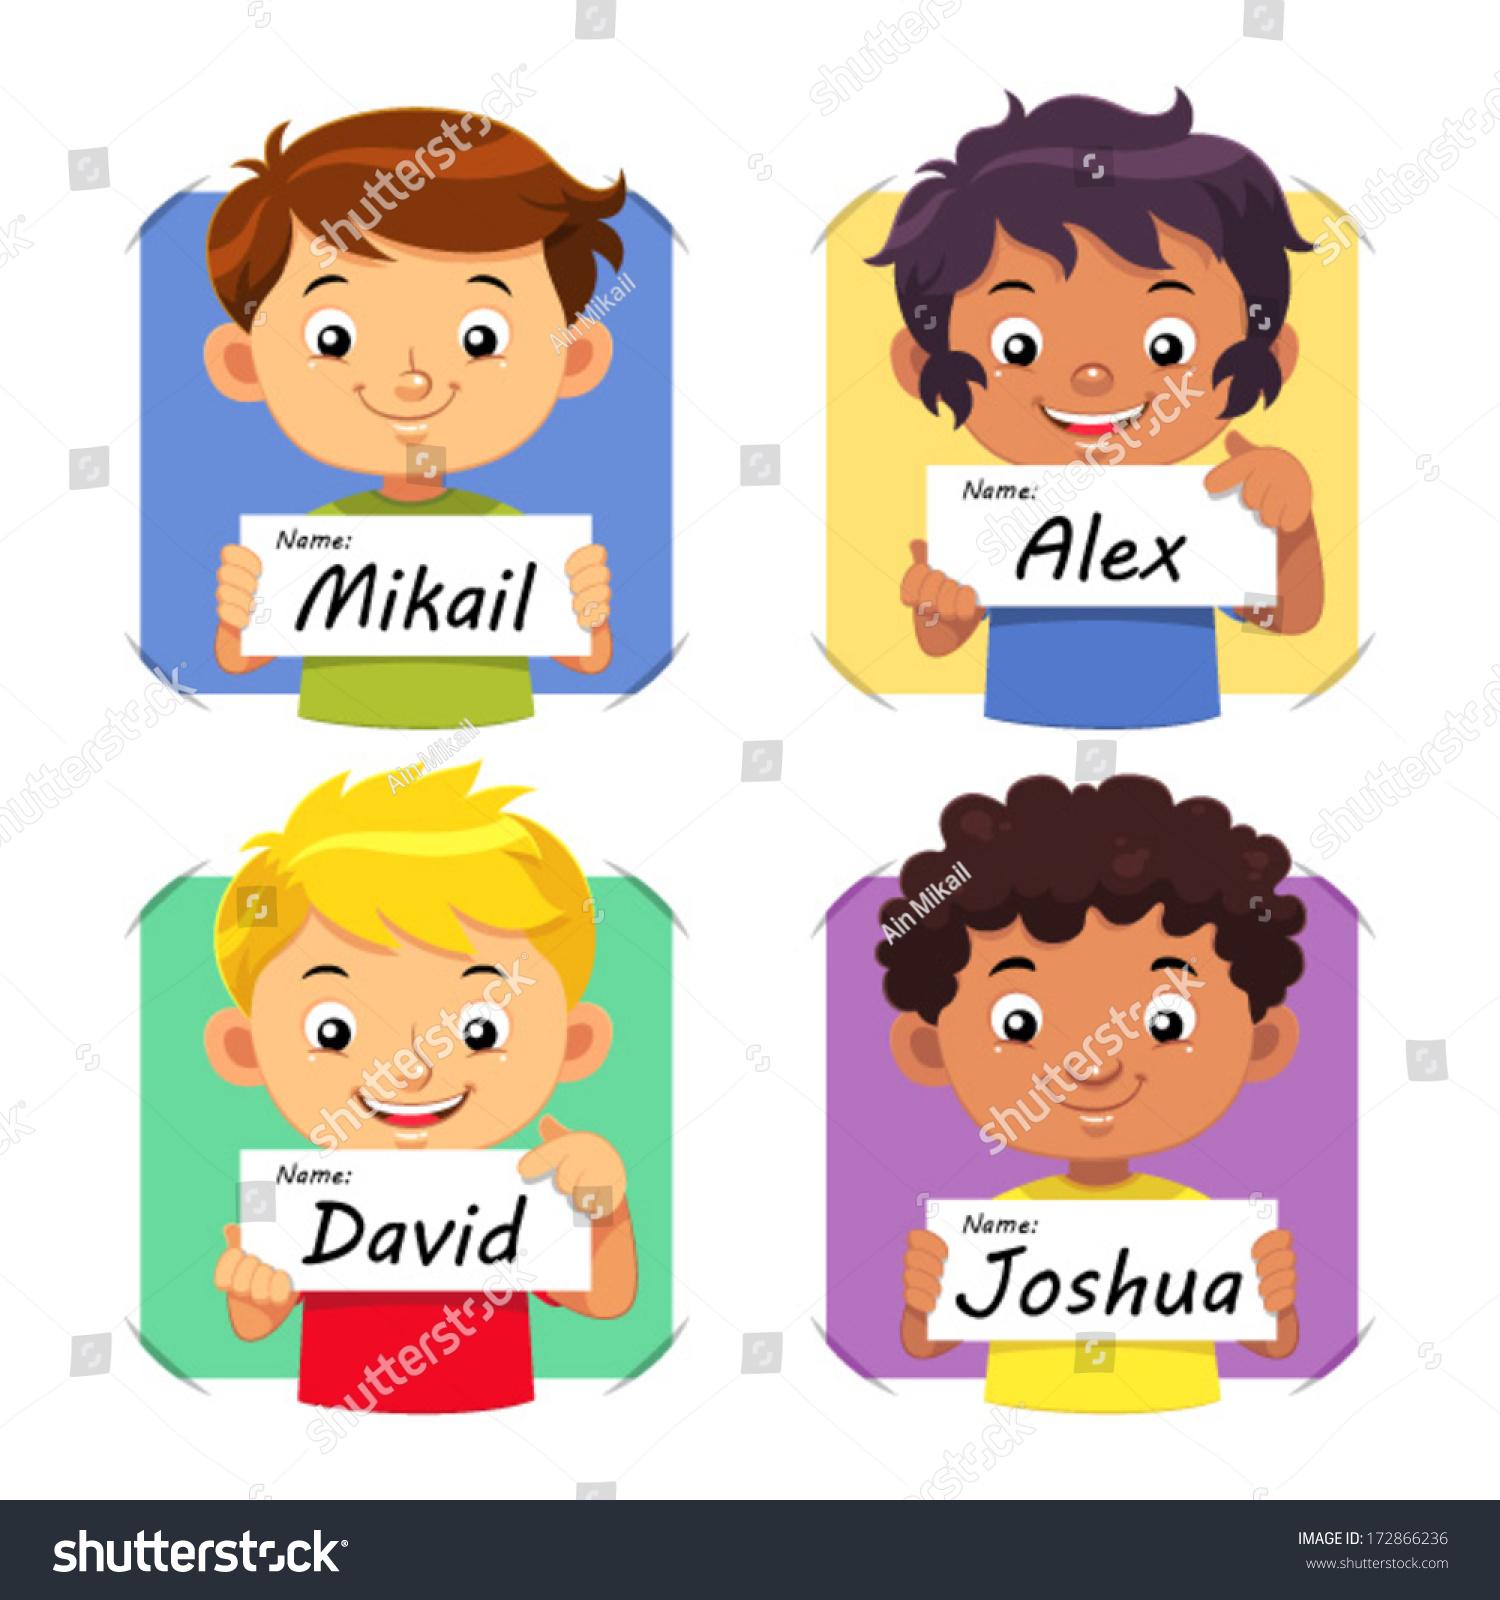 Boys Premium Name Labels: Boys Name 1 Boys Holding Their Name Tag. Stock Photo